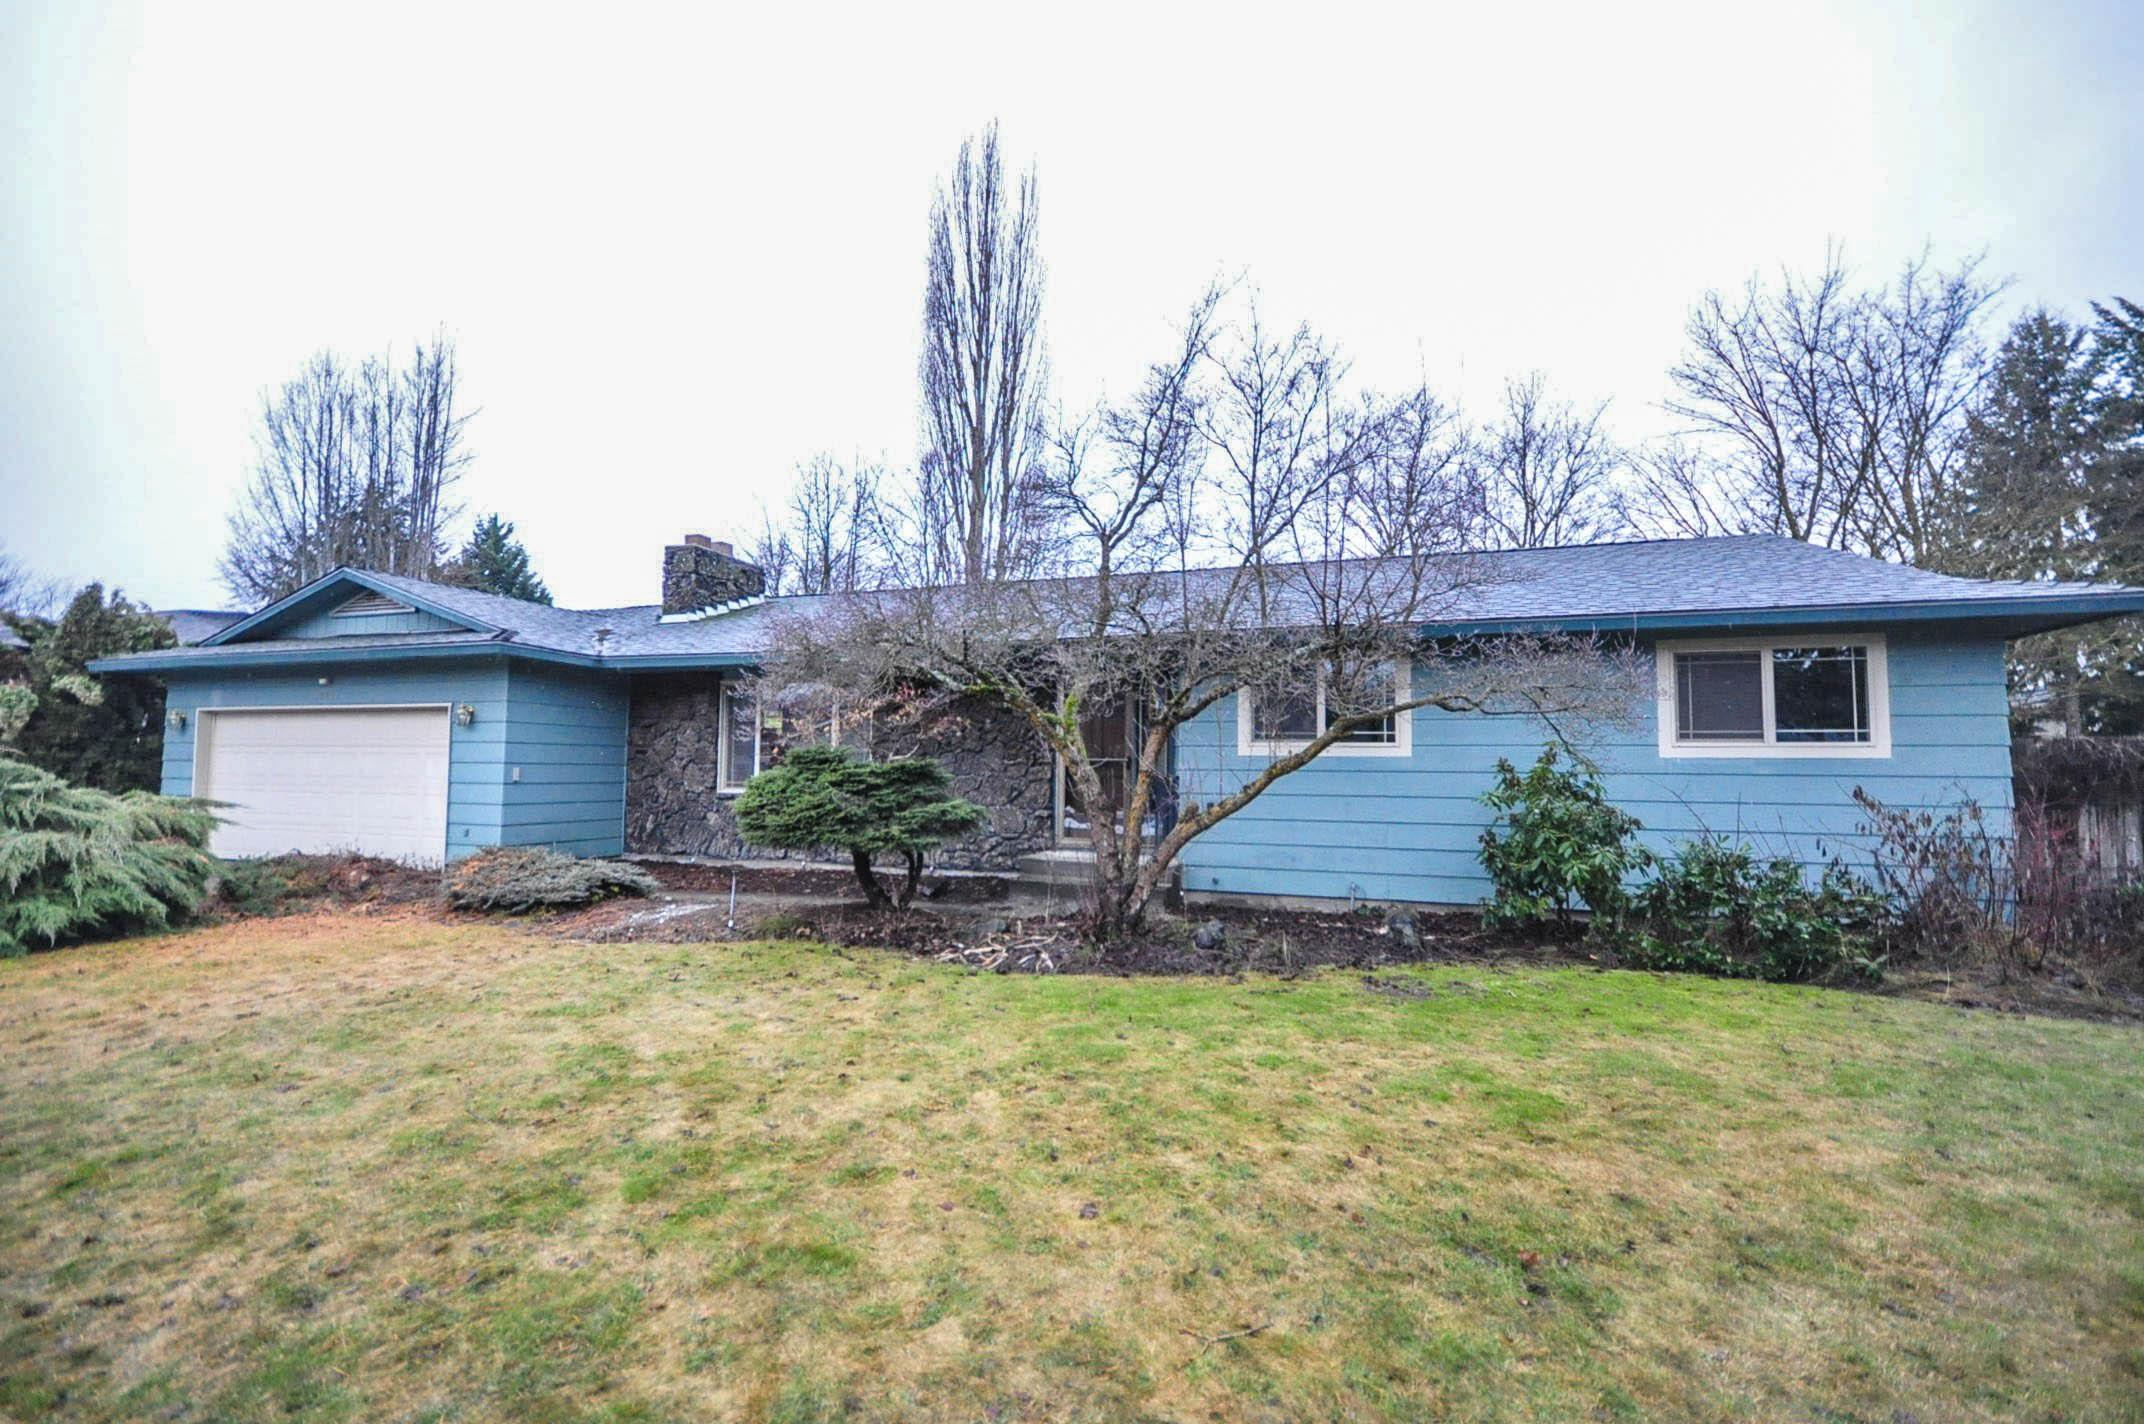 9815 N Fotheringham St Spokane WA 99208